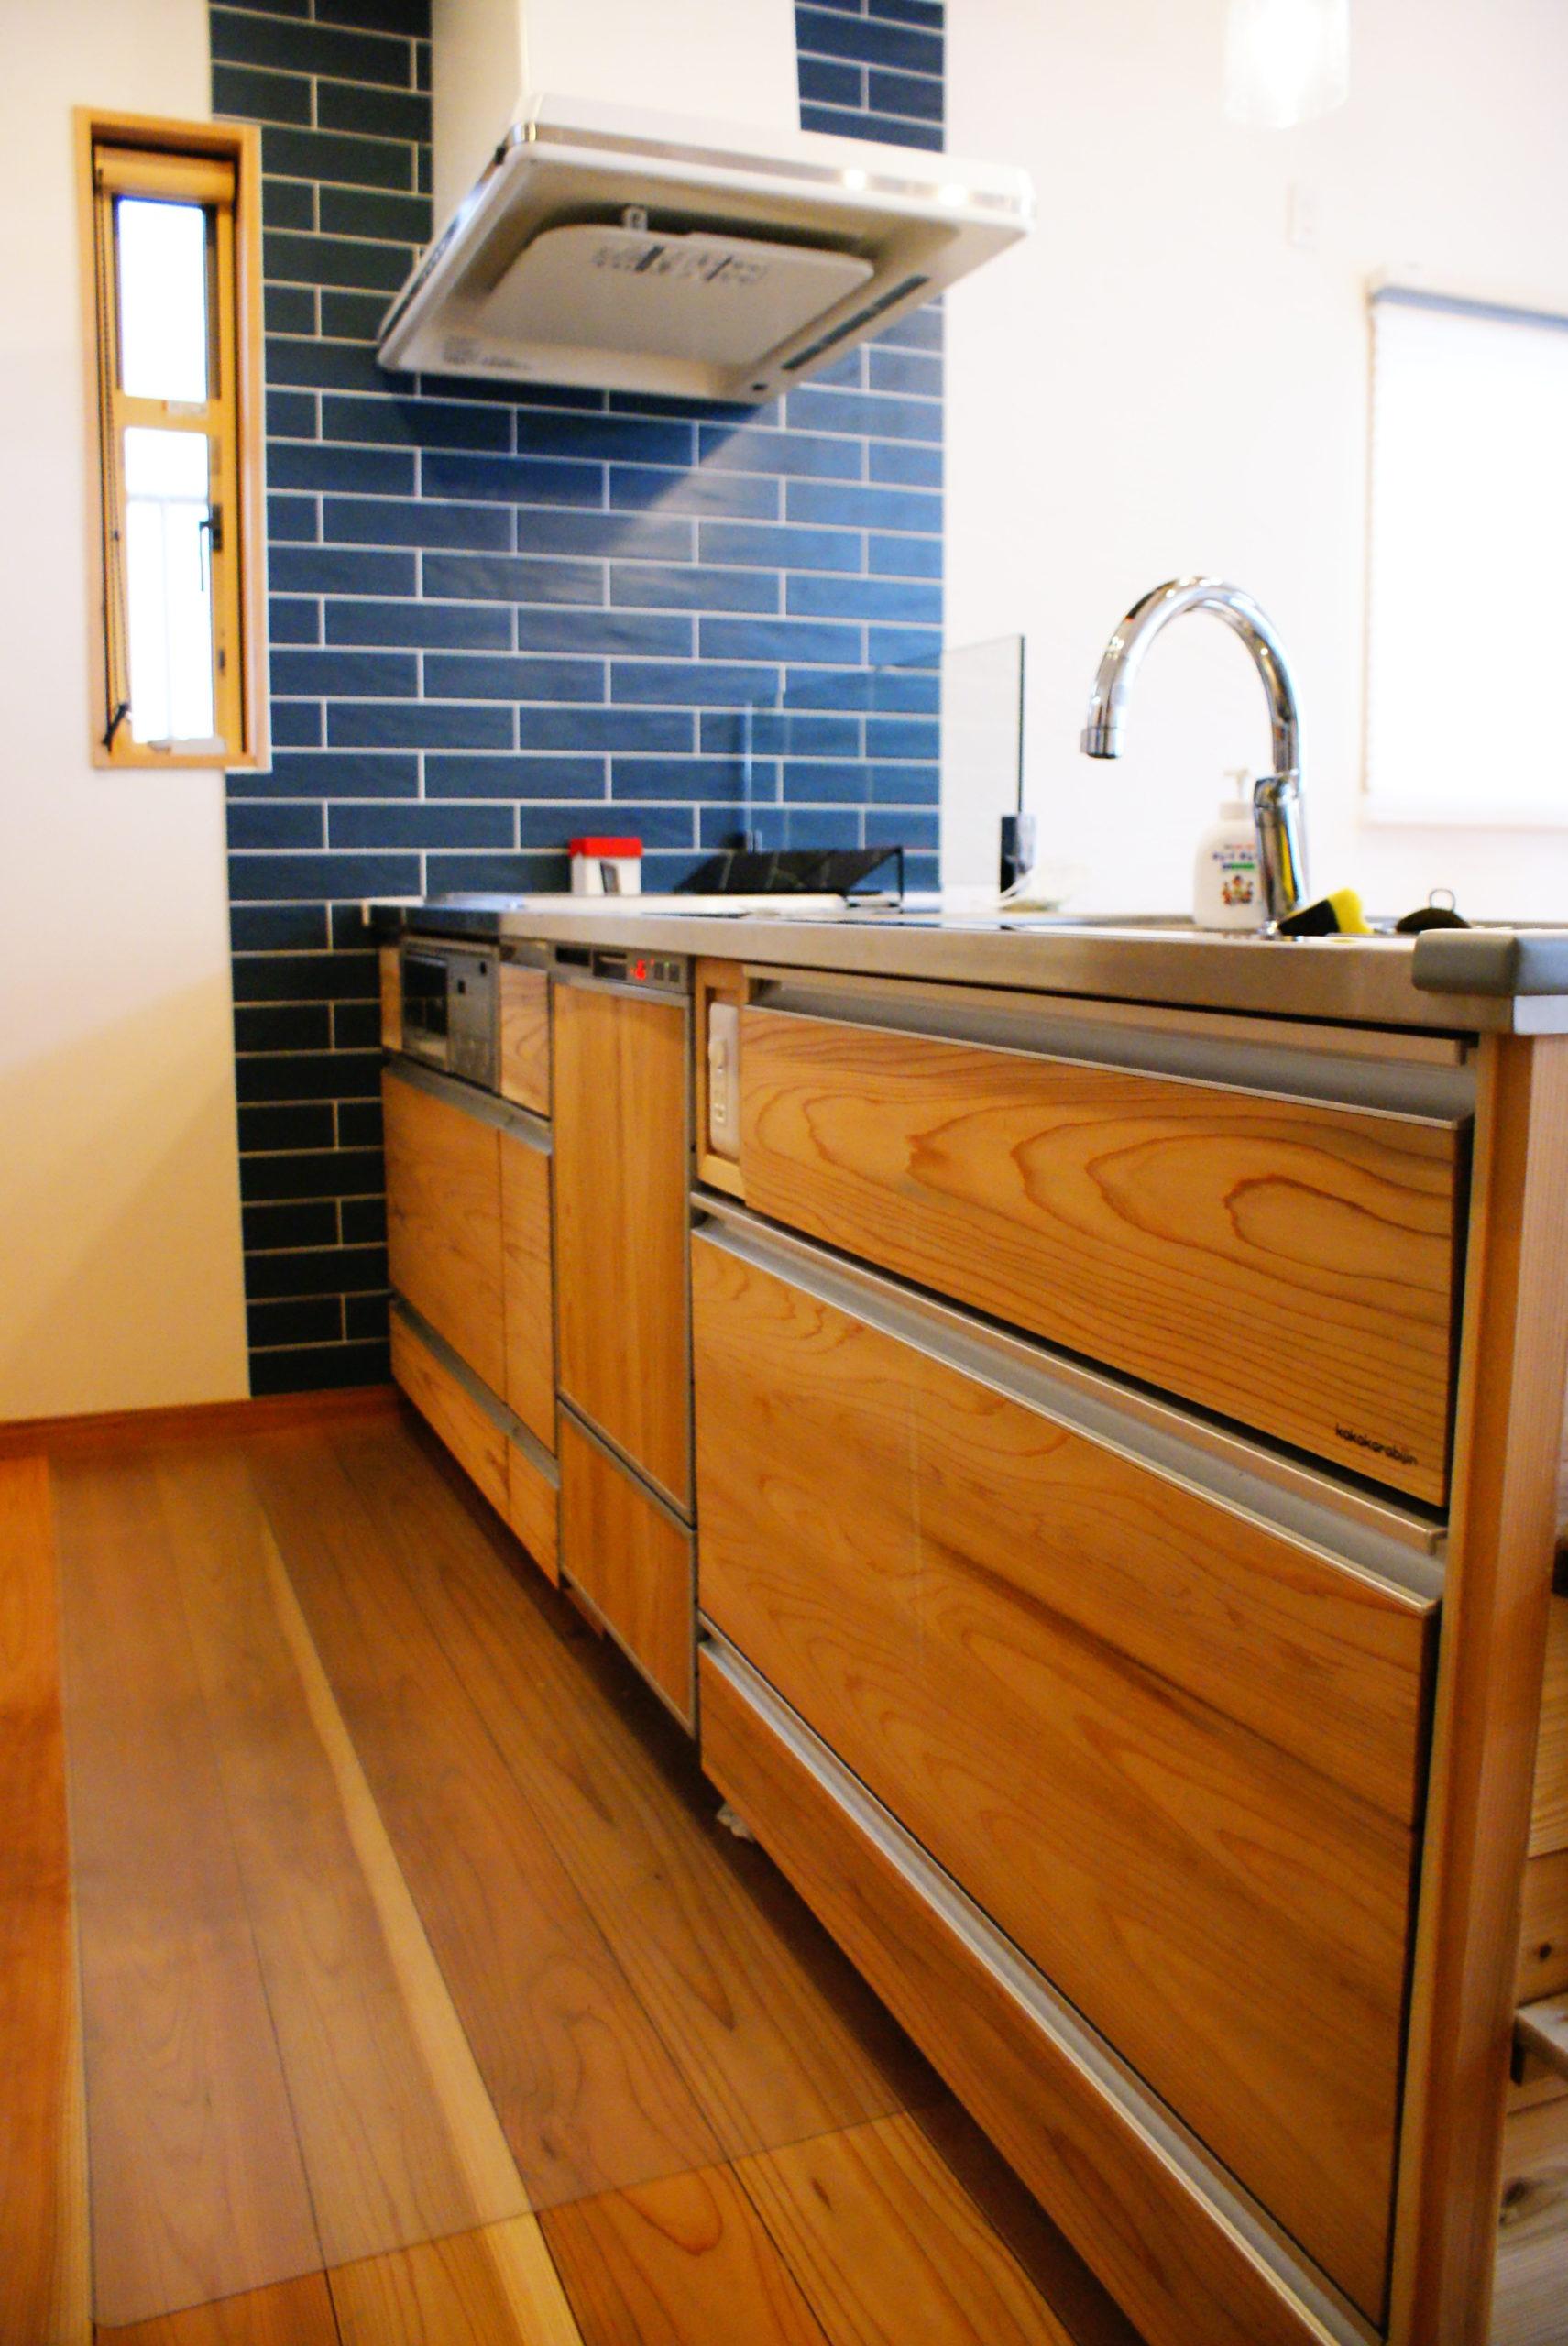 お部屋の雰囲気にぴったりの杉製のオーダーキッチン。壁のタイルも映えてます!